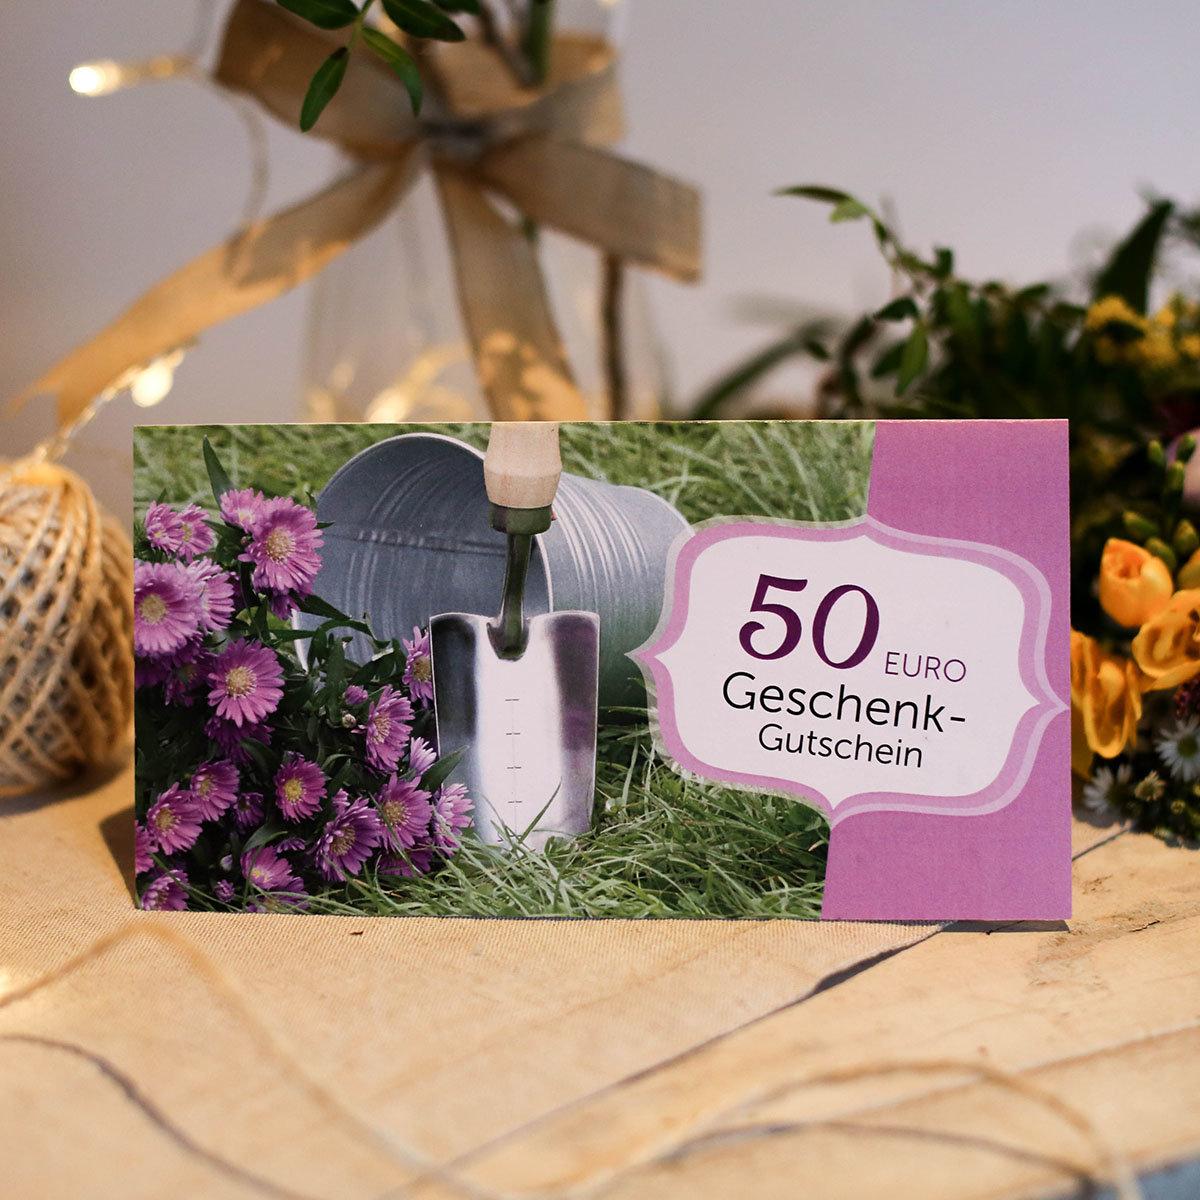 50,- Euro Gärtner Pötschkes Geschenk-Gutschein